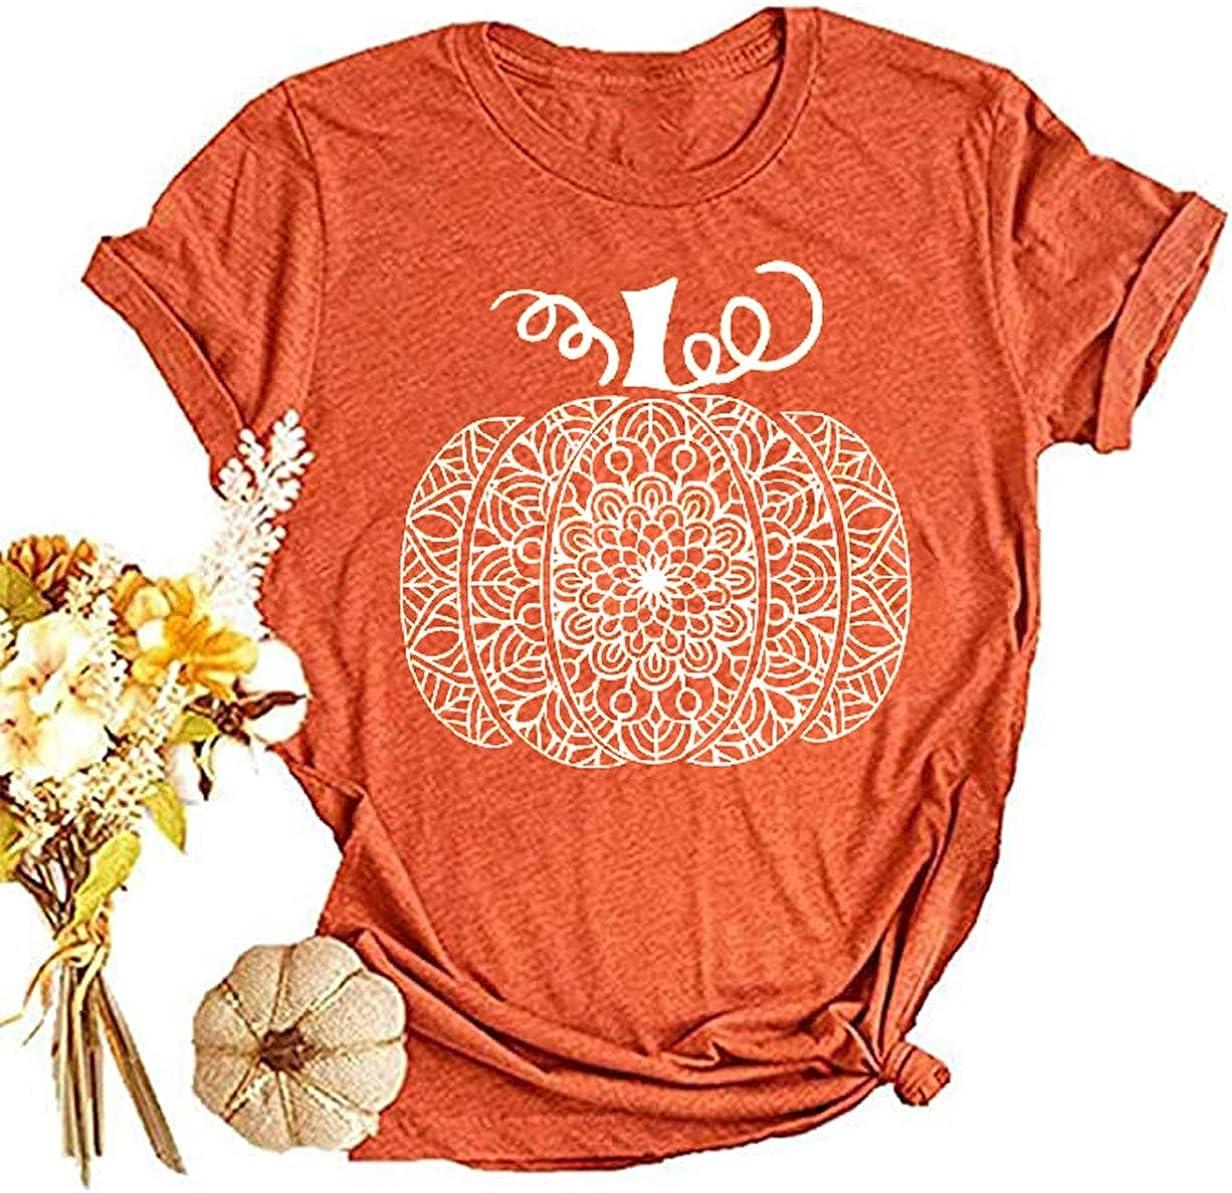 Beopjesk Womens Mandala Pumpkin T-Shirt Fall Halloween Short Sleeve Graphic Tees Tops